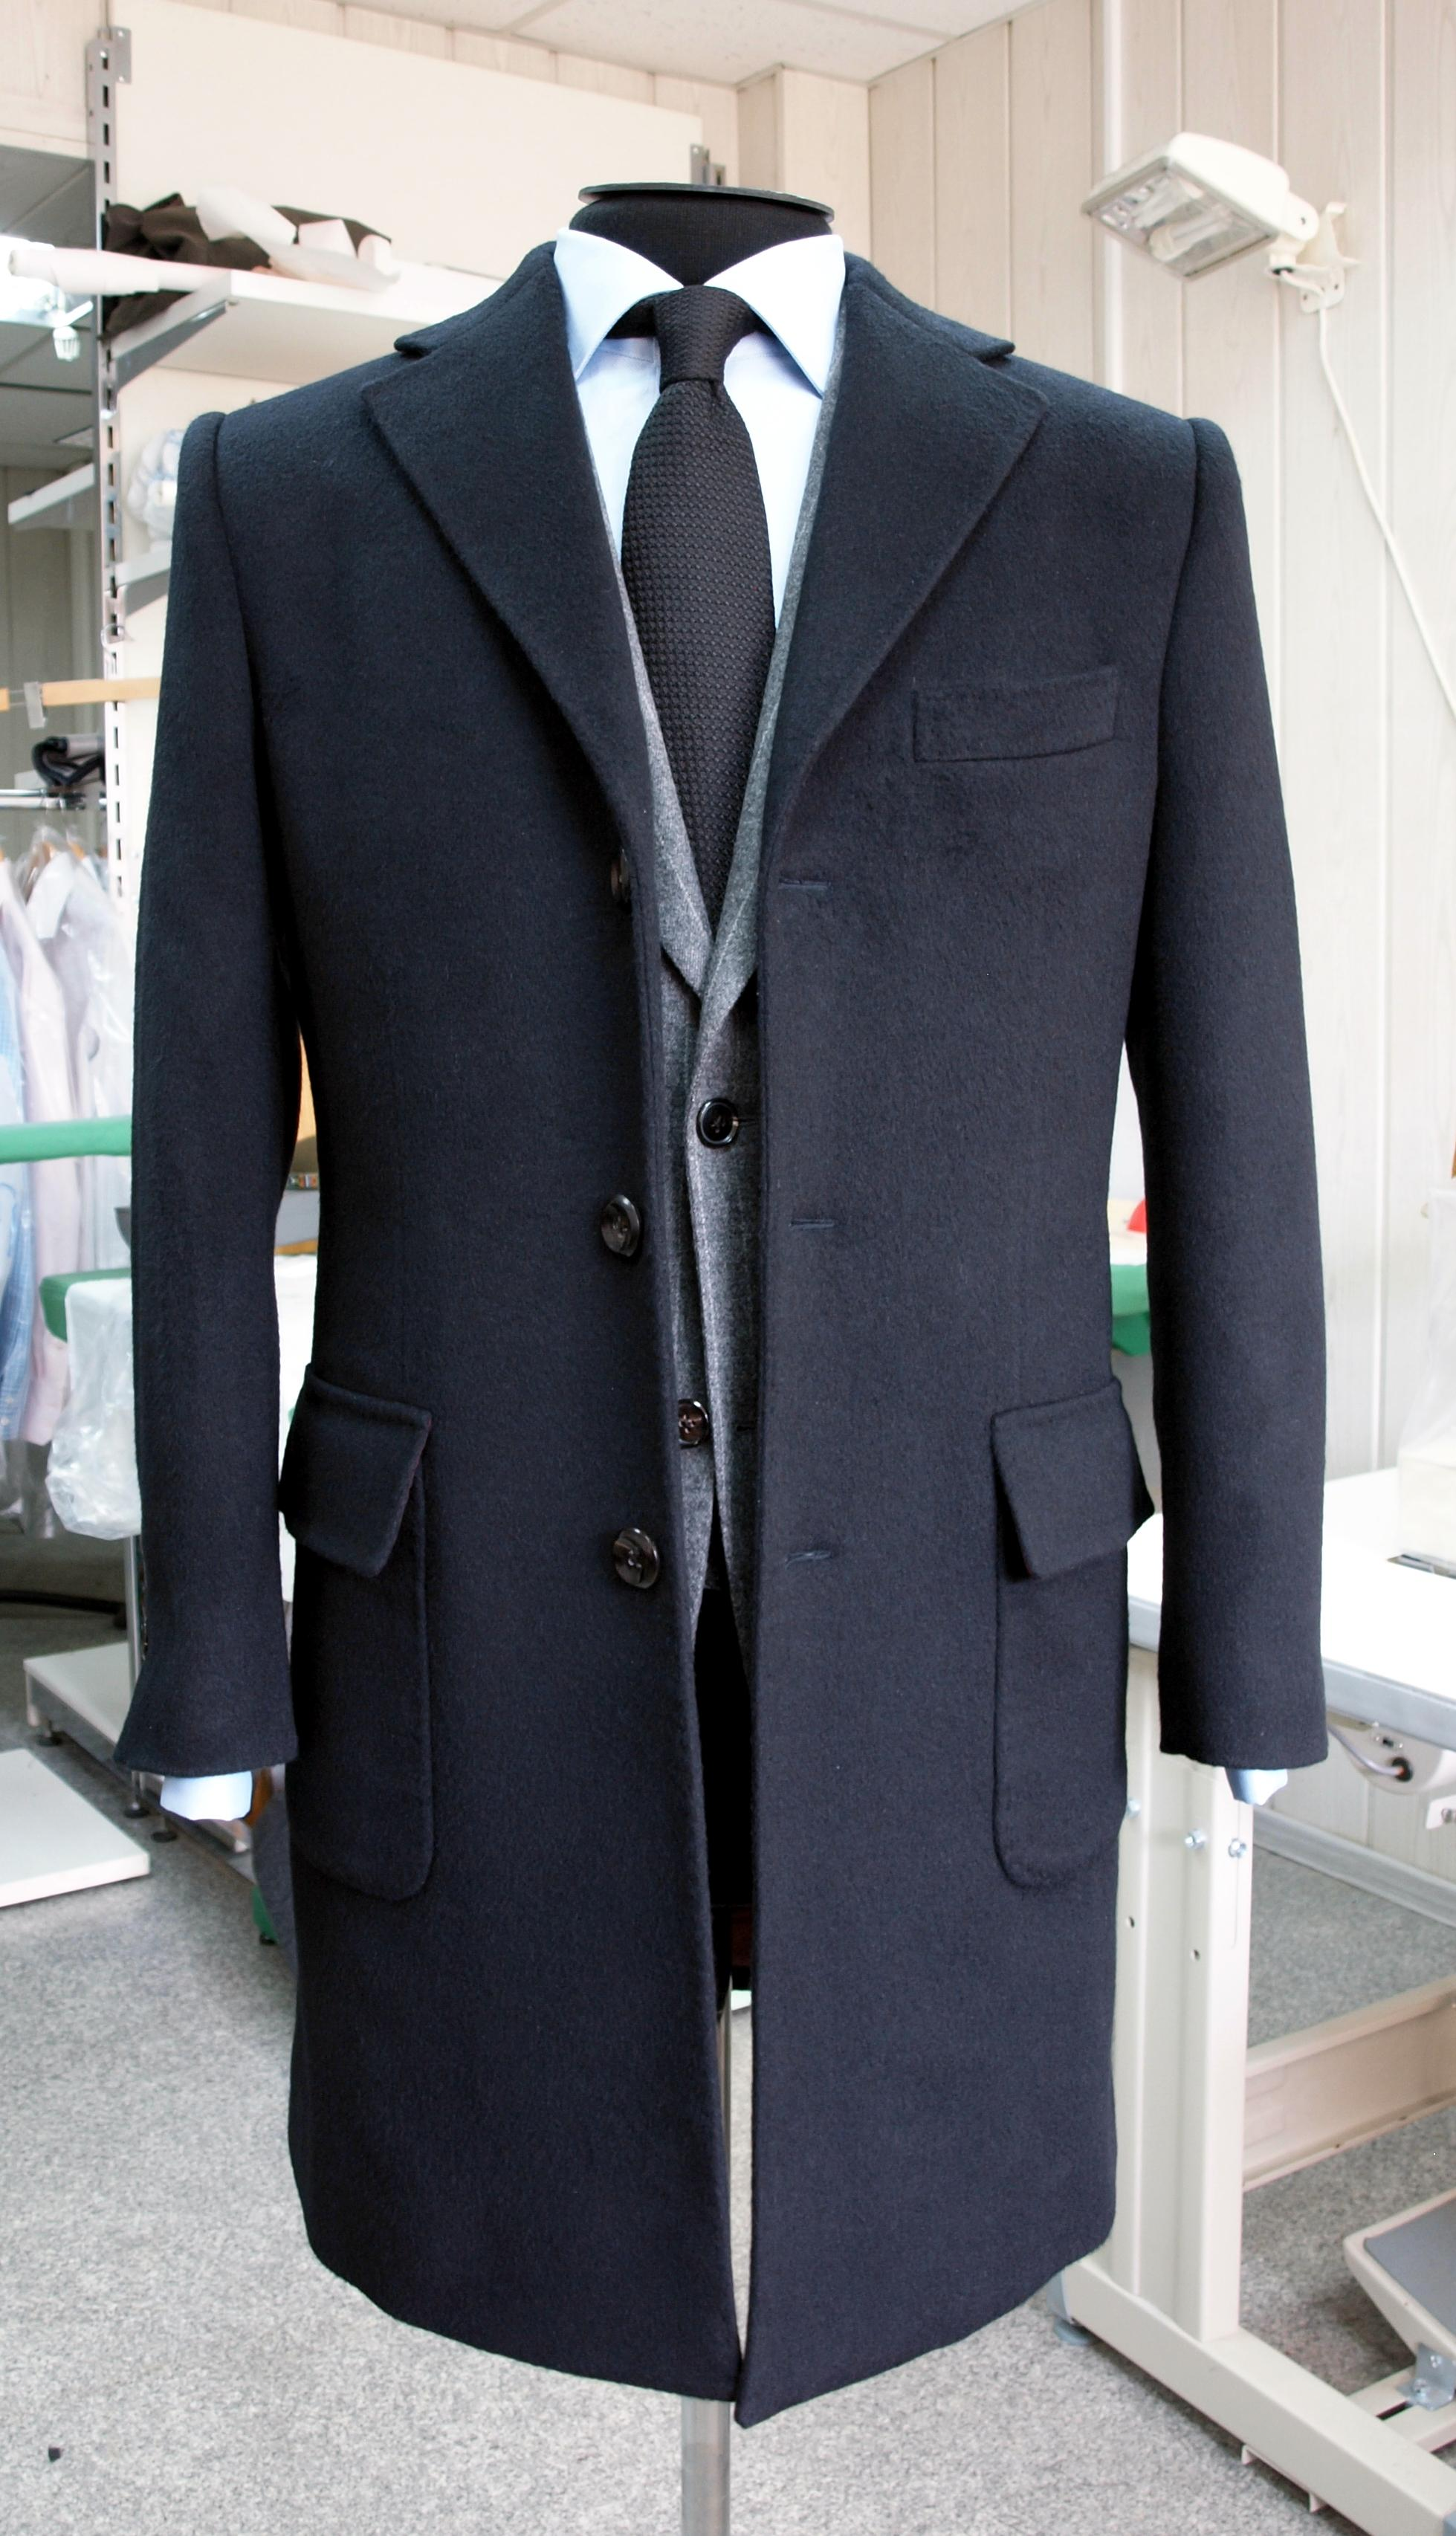 Пошив мужских костюмов на заказ. Где пошить и сколько он стоит? 69